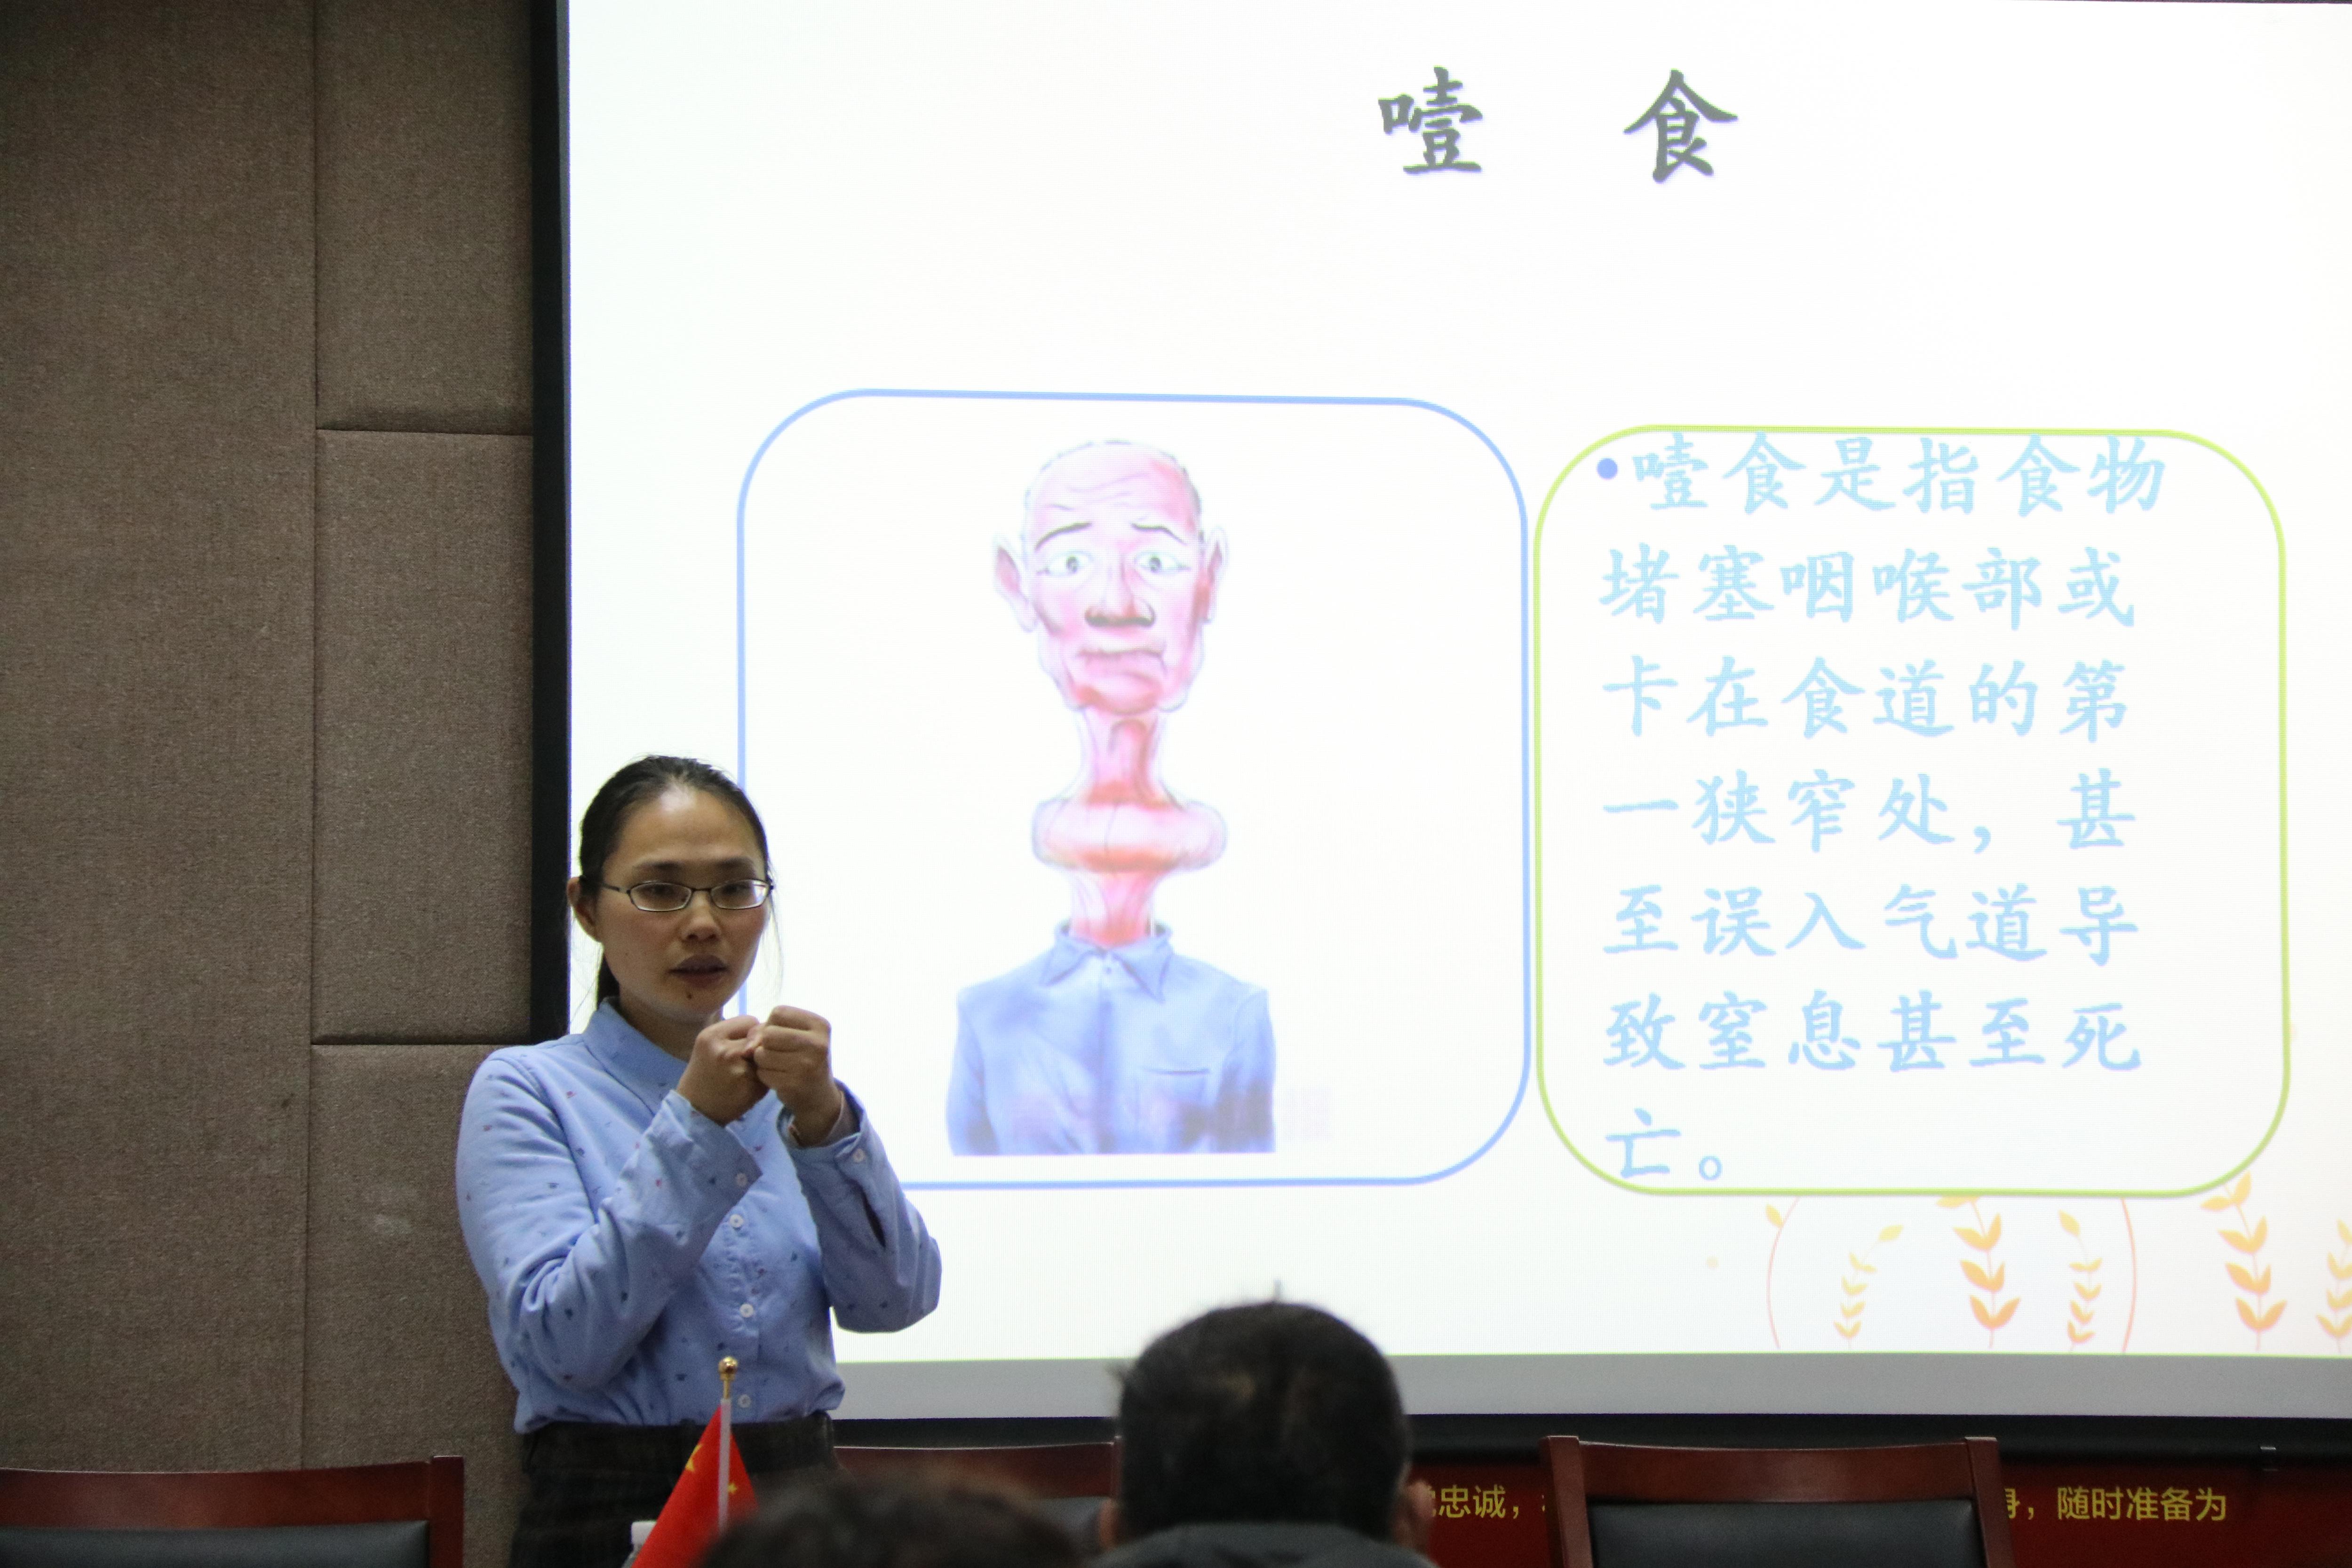 VR云南时时彩